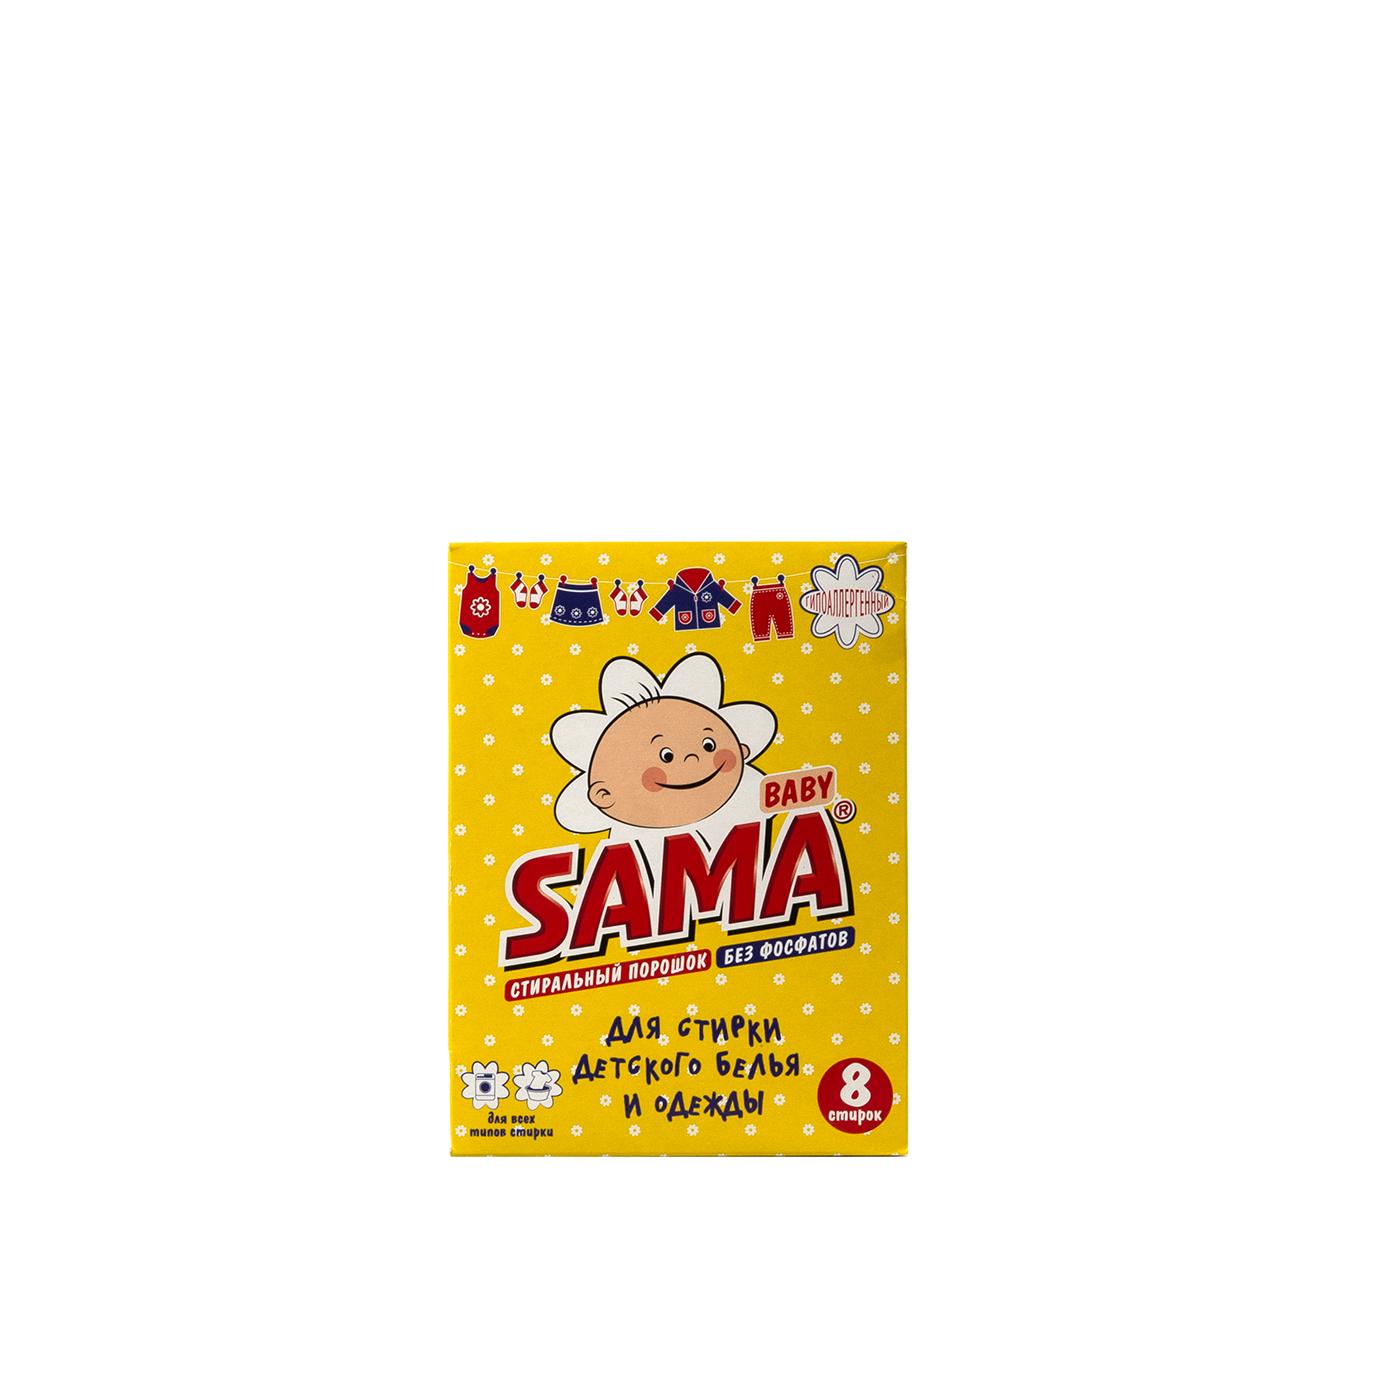 Стиральный порошок SAMA бесфосфатный автомат Baby 400 гр